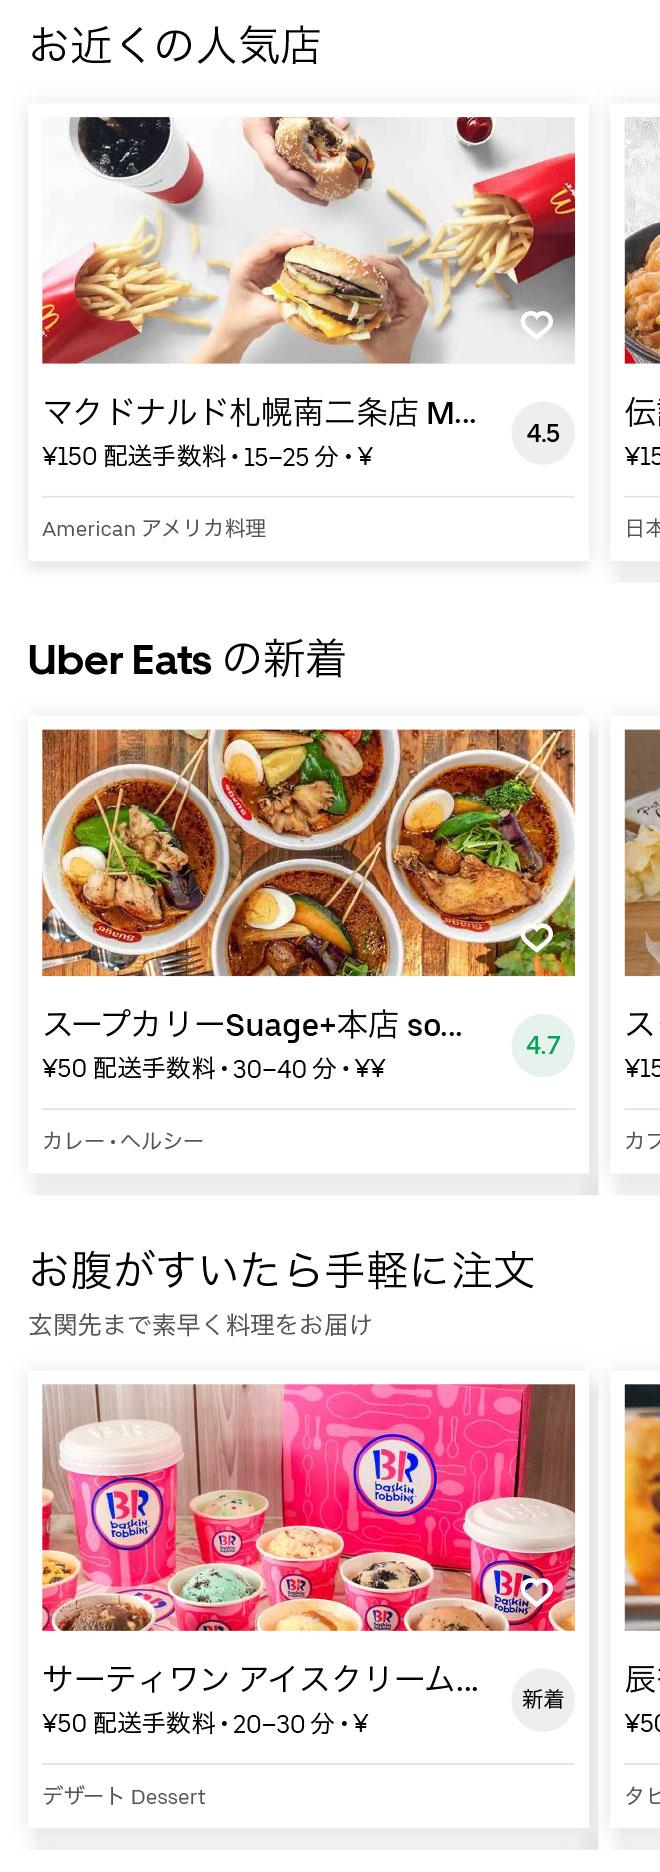 Susukino menu 2008 01